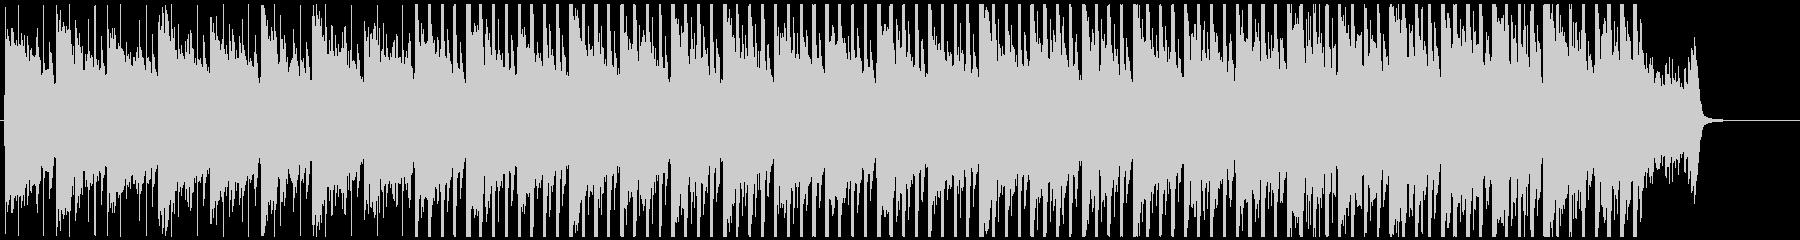 感動的な明るく優しいピアノハウスMの未再生の波形